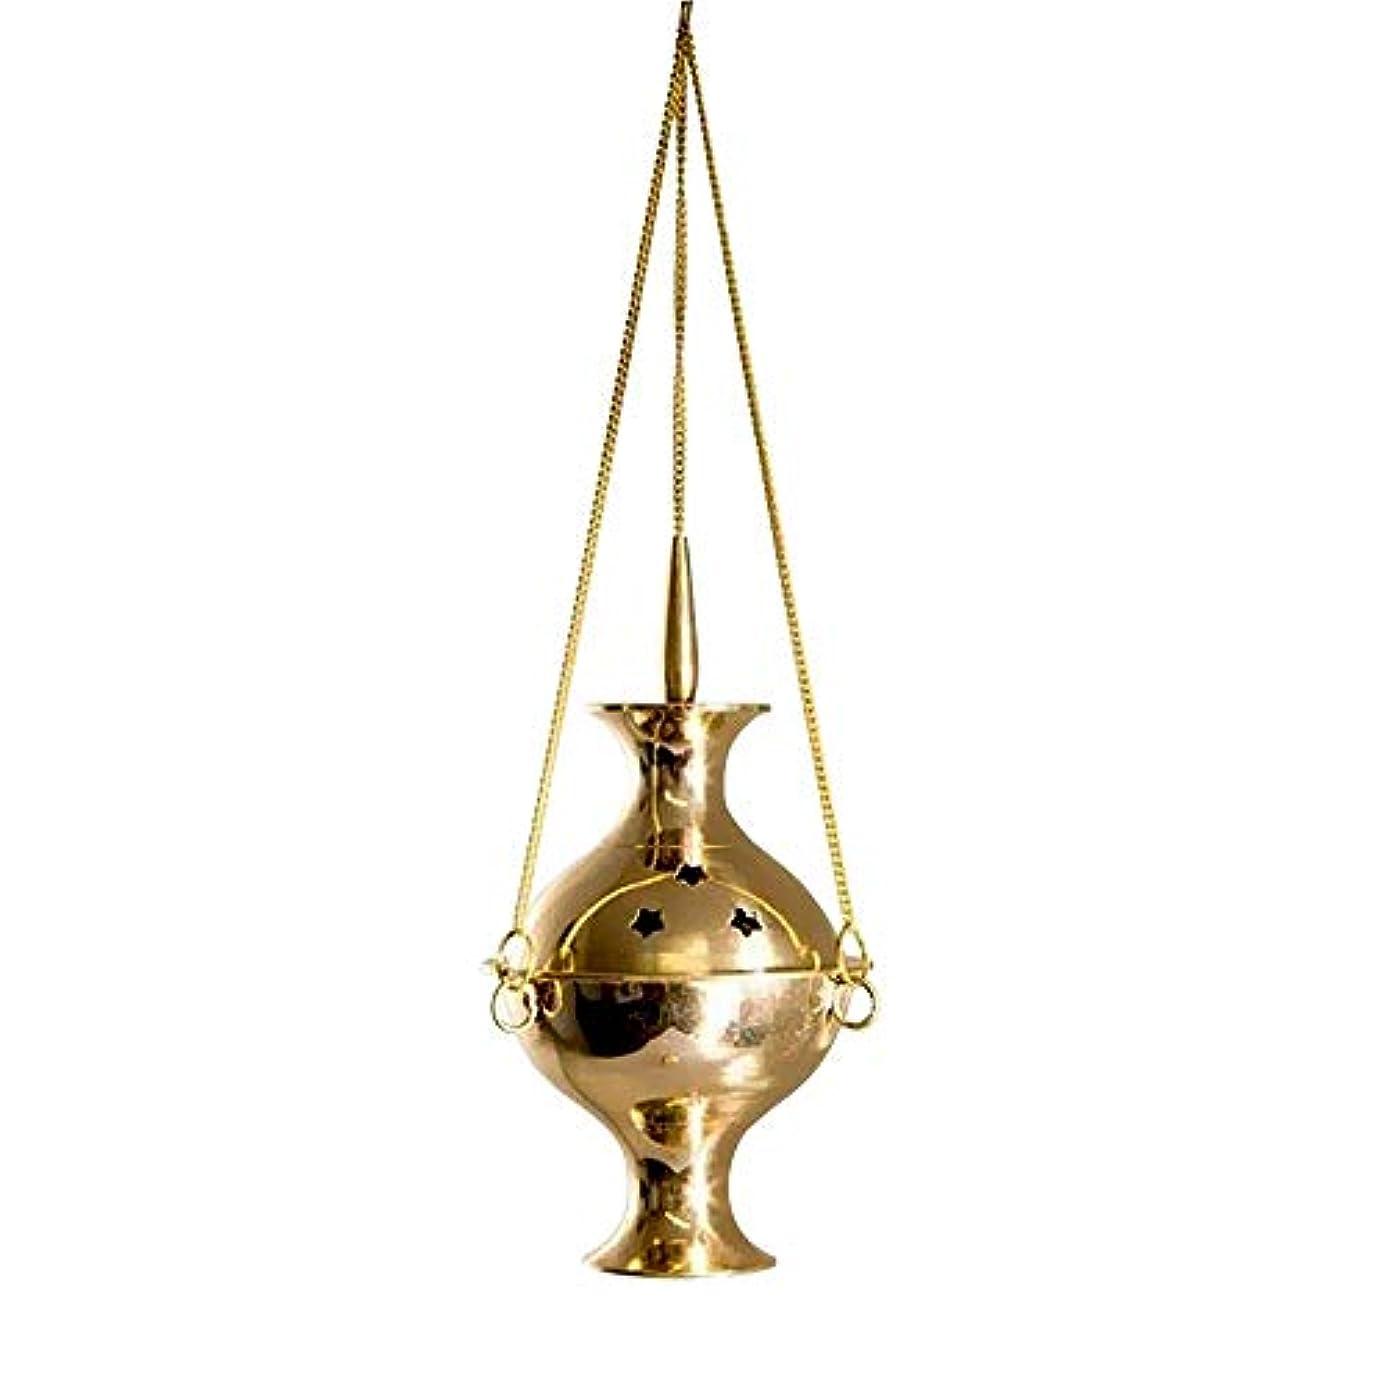 毛皮クリーム民兵カトリック香炉 吊り下げ式香炉 チャコール 6インチ 真鍮 吊り下げ 香炉 炭 香炉 バーナー 真鍮製 輝く仕上げで適切な燃焼に役立ちます。